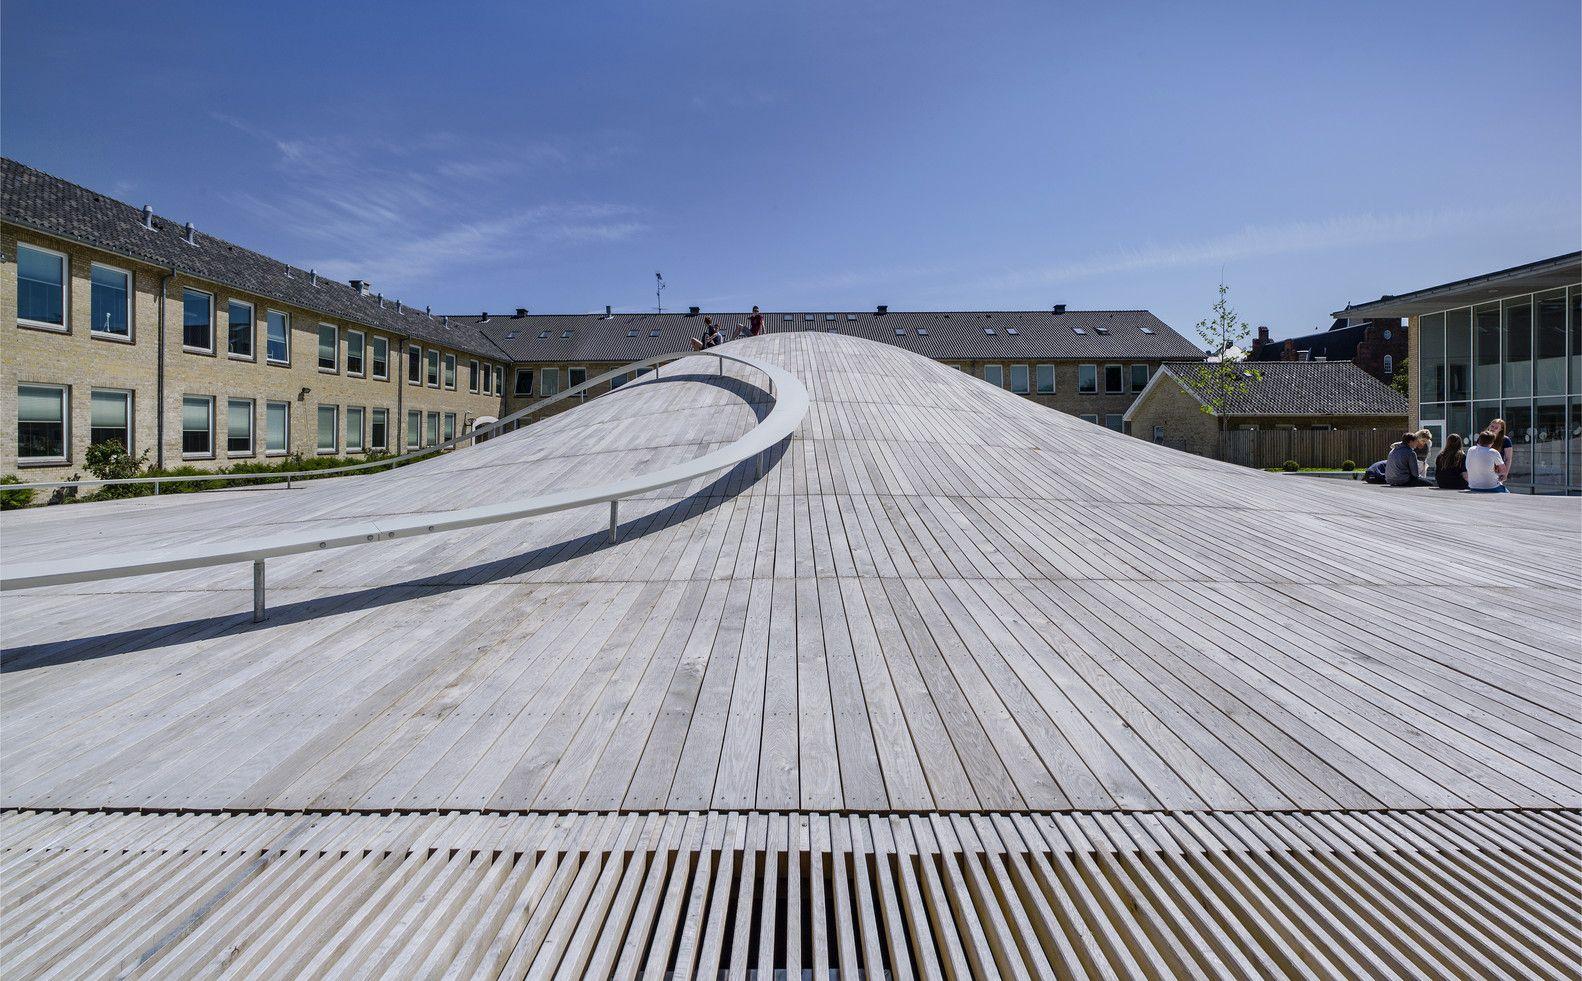 Galería de Gimnasio Gammel Hellerup / BIG - 11